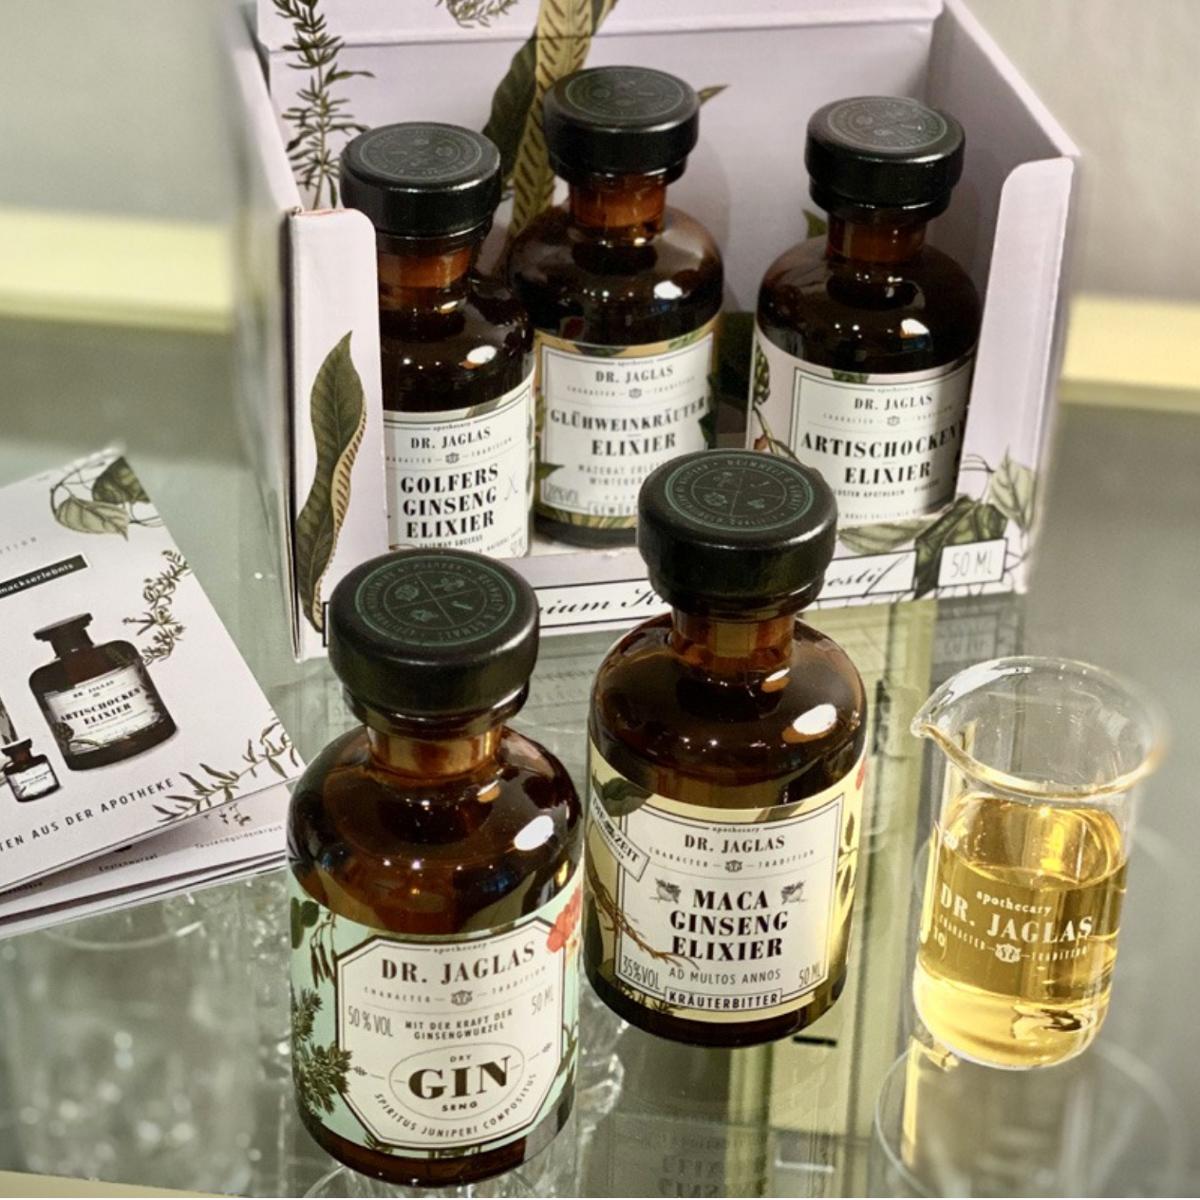 Dr.Jaglas Miniatur-Set © Tastery